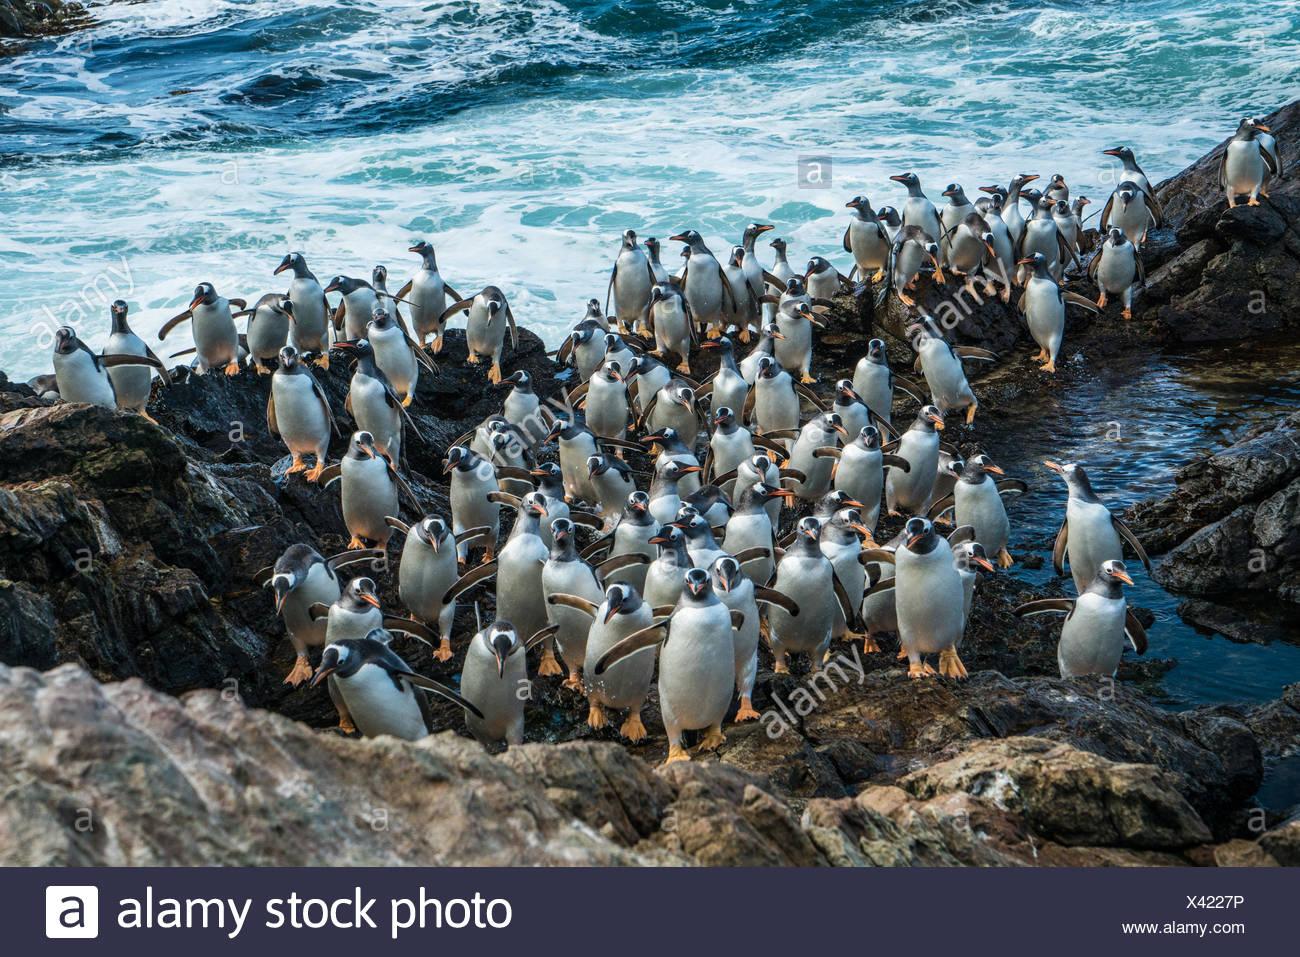 Viele Pinguine watschelte auf einem Felsvorsprung. Stockbild